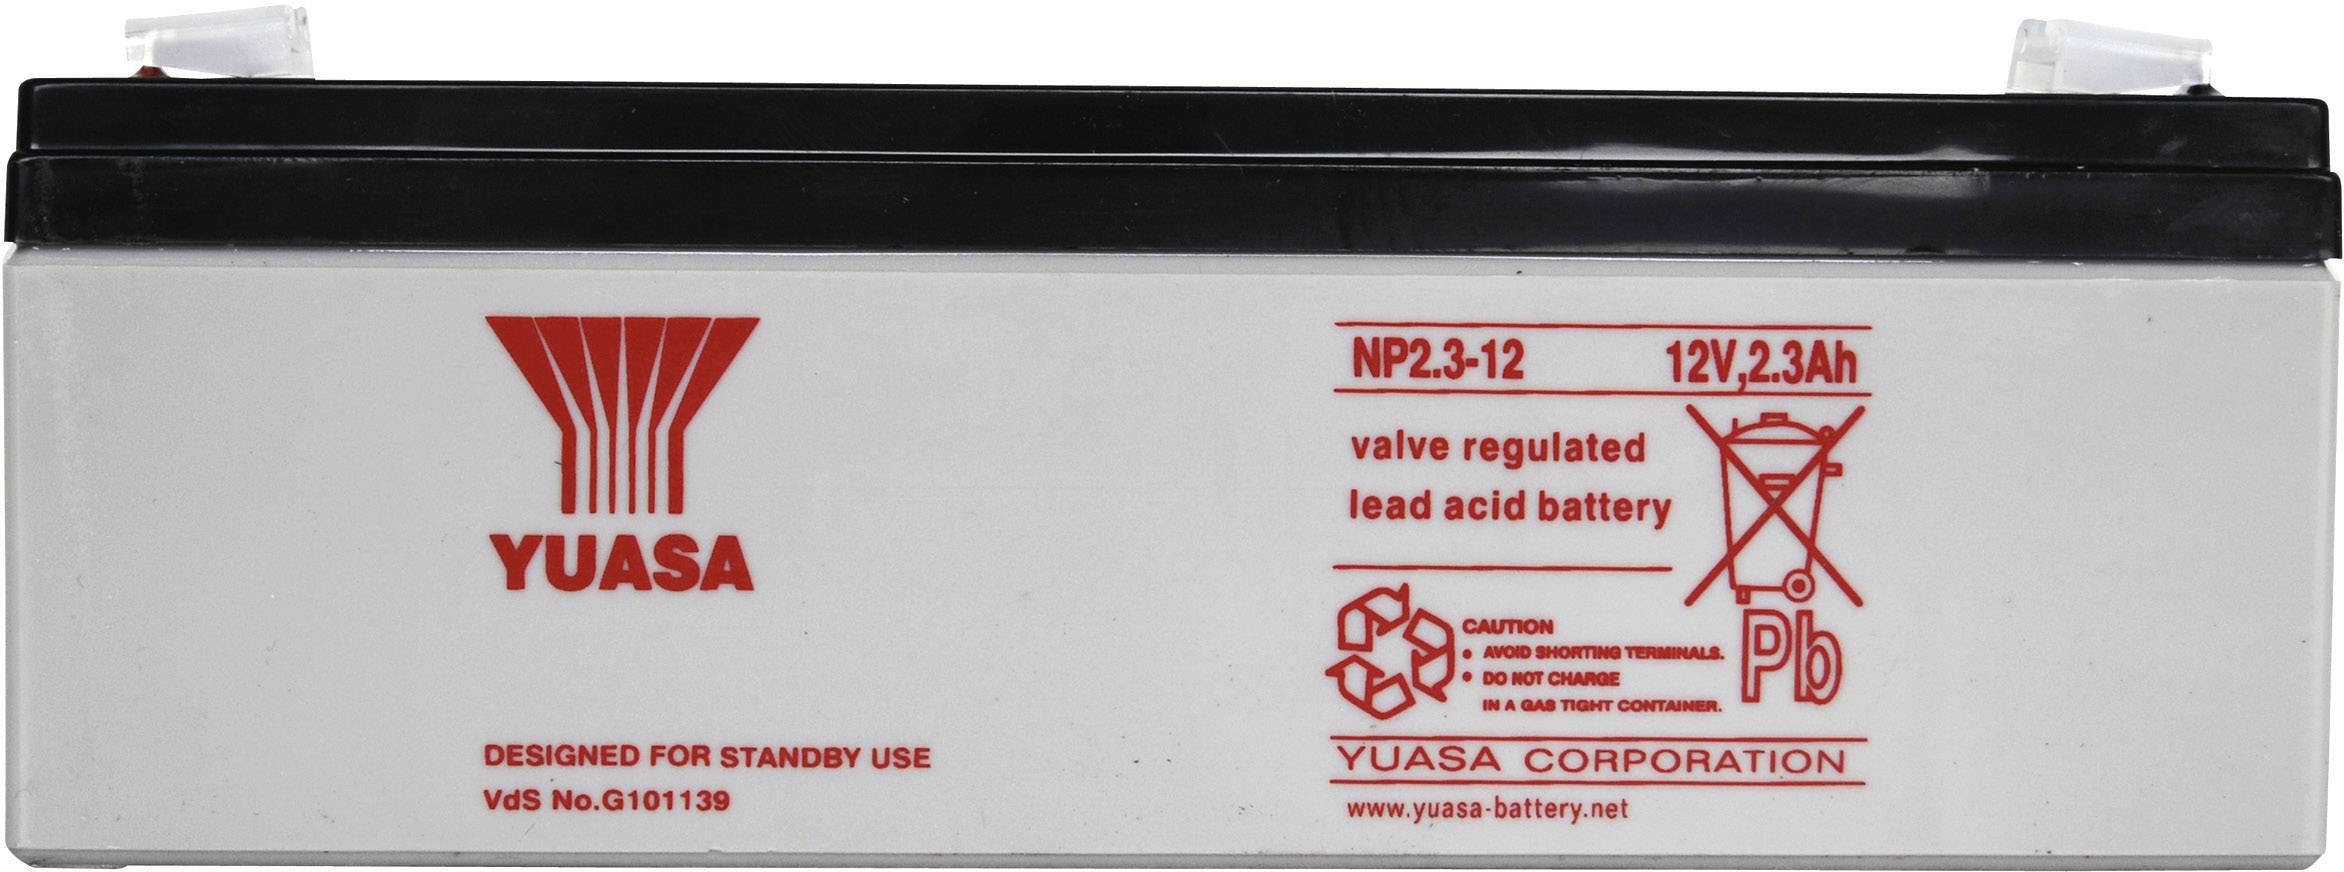 Olovený akumulátor Yuasa NP2.3-12 NP2.3-12, 2.3 Ah, 12 V